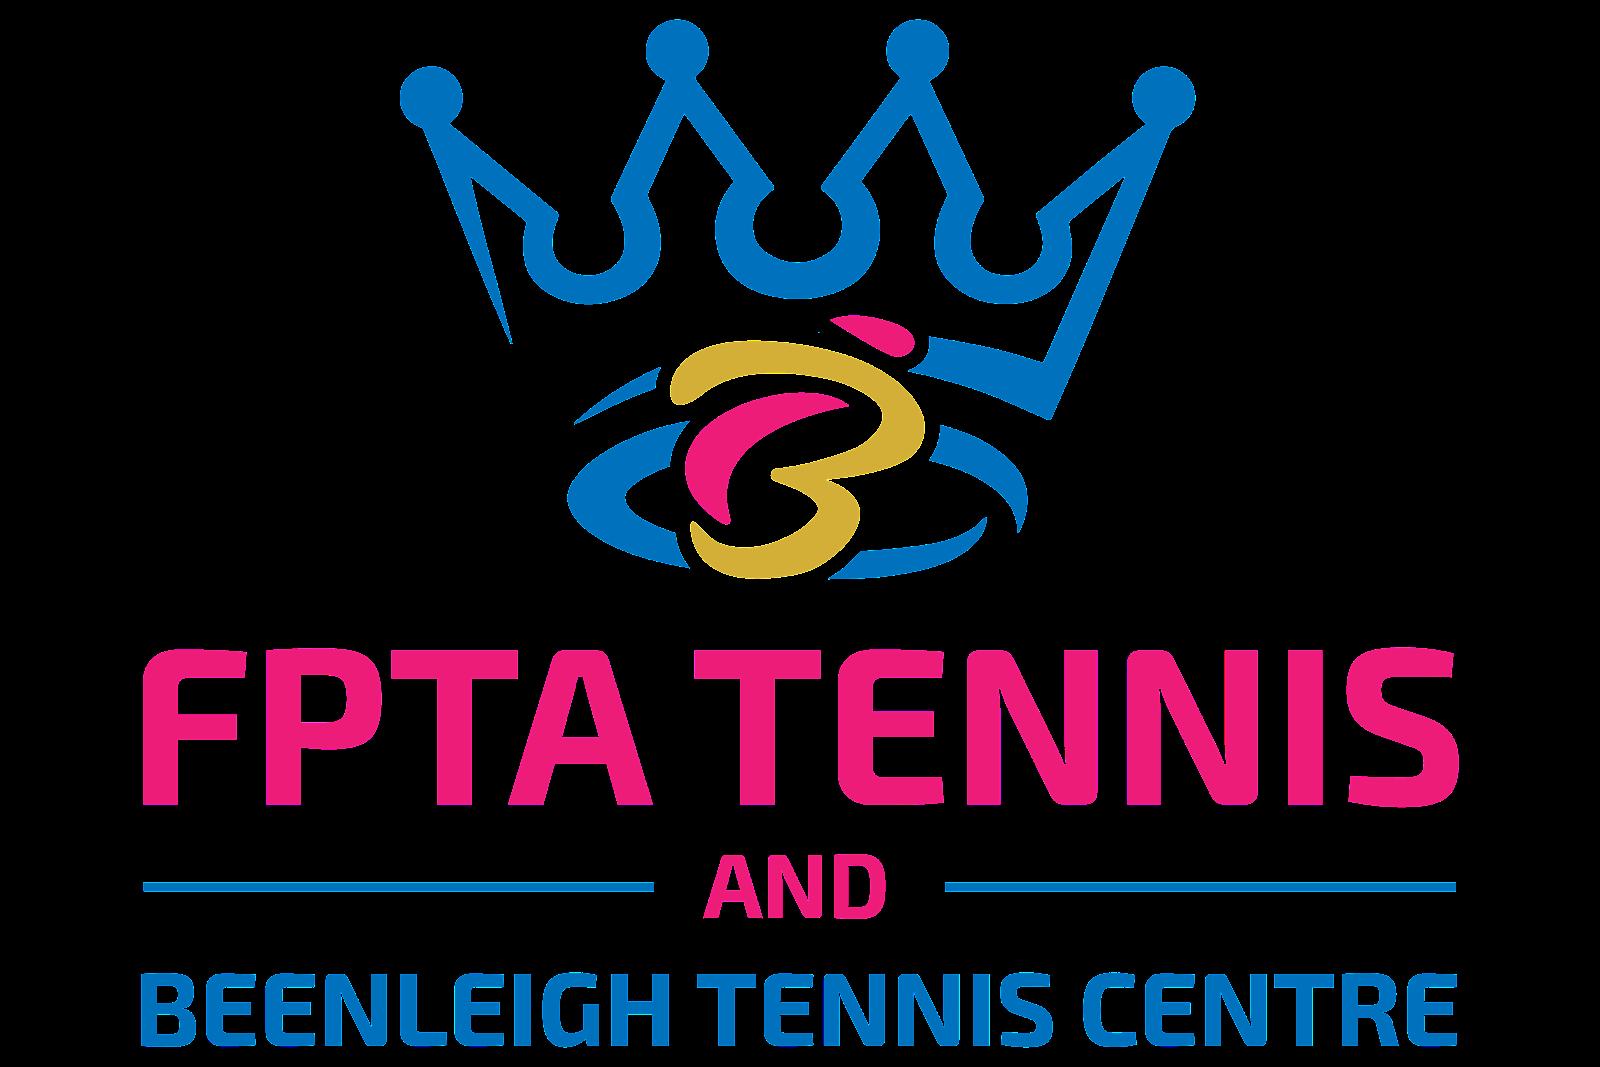 FuturePros Tennis Academy